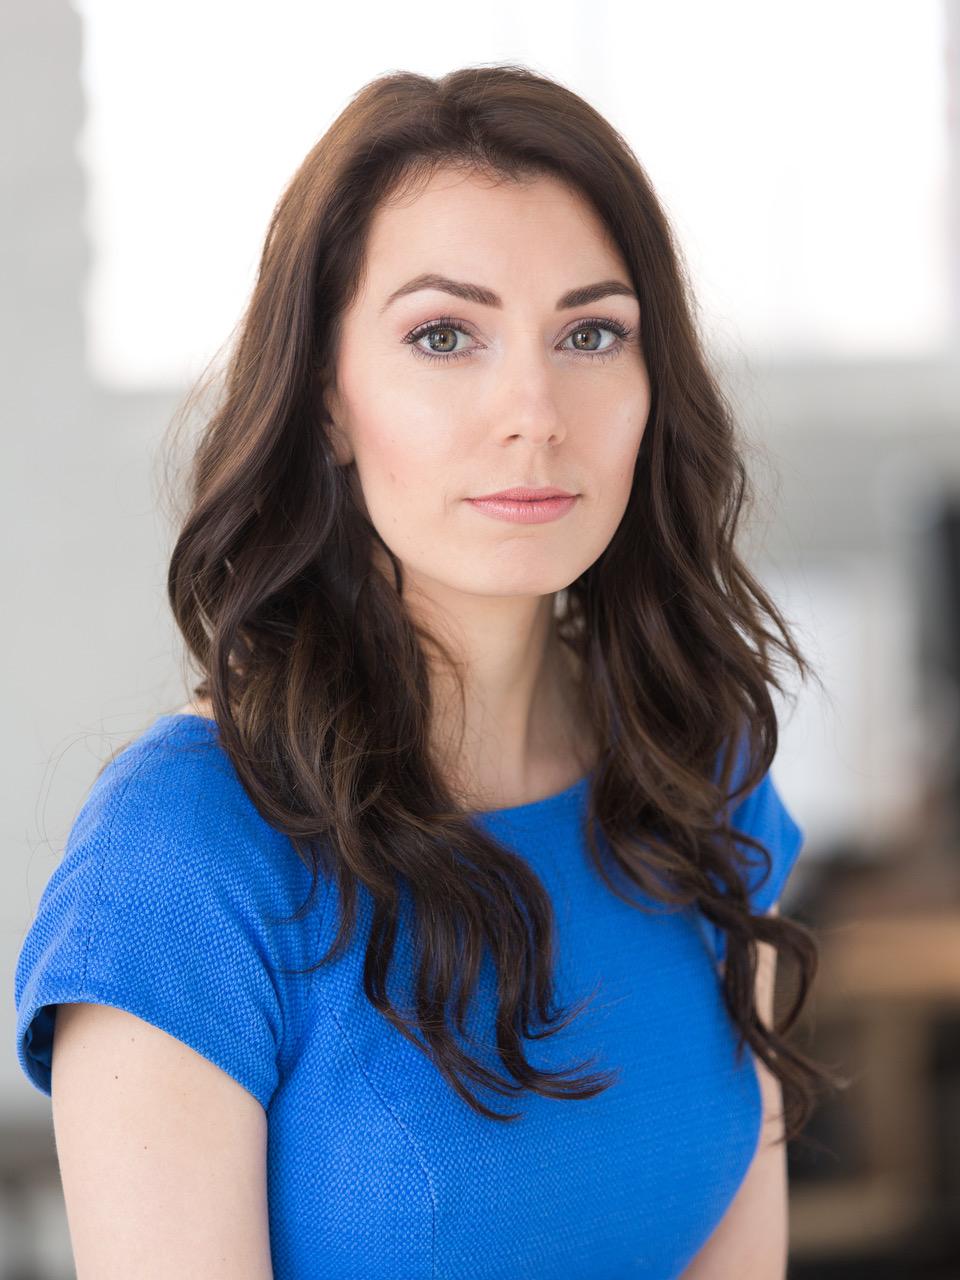 Andreanne Trottier